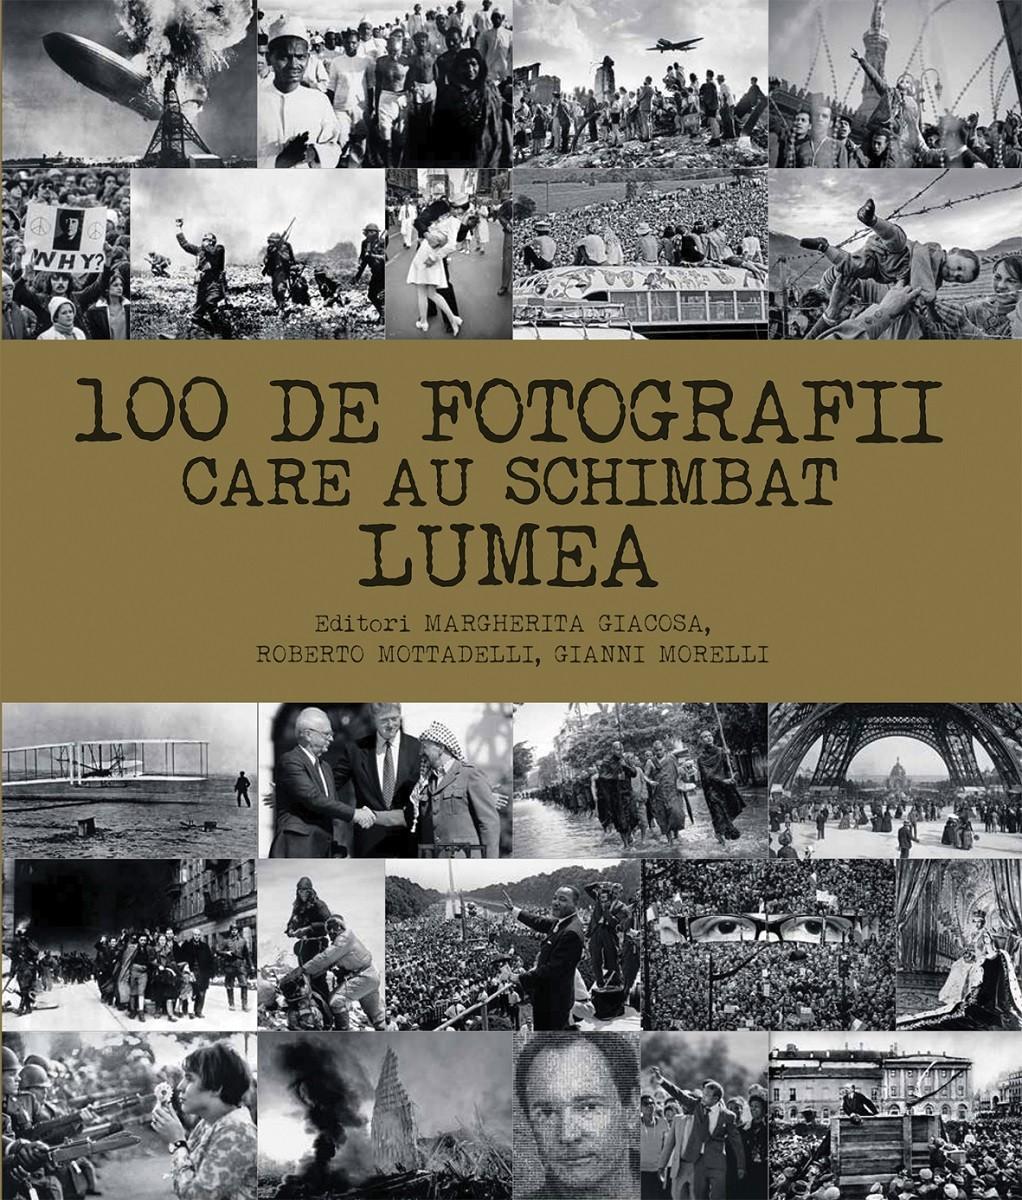 100 De Fotografii Care Au Schimbat Lumea, Margherita Giacosa, Roberto Mottadelli, Gianni Morelli